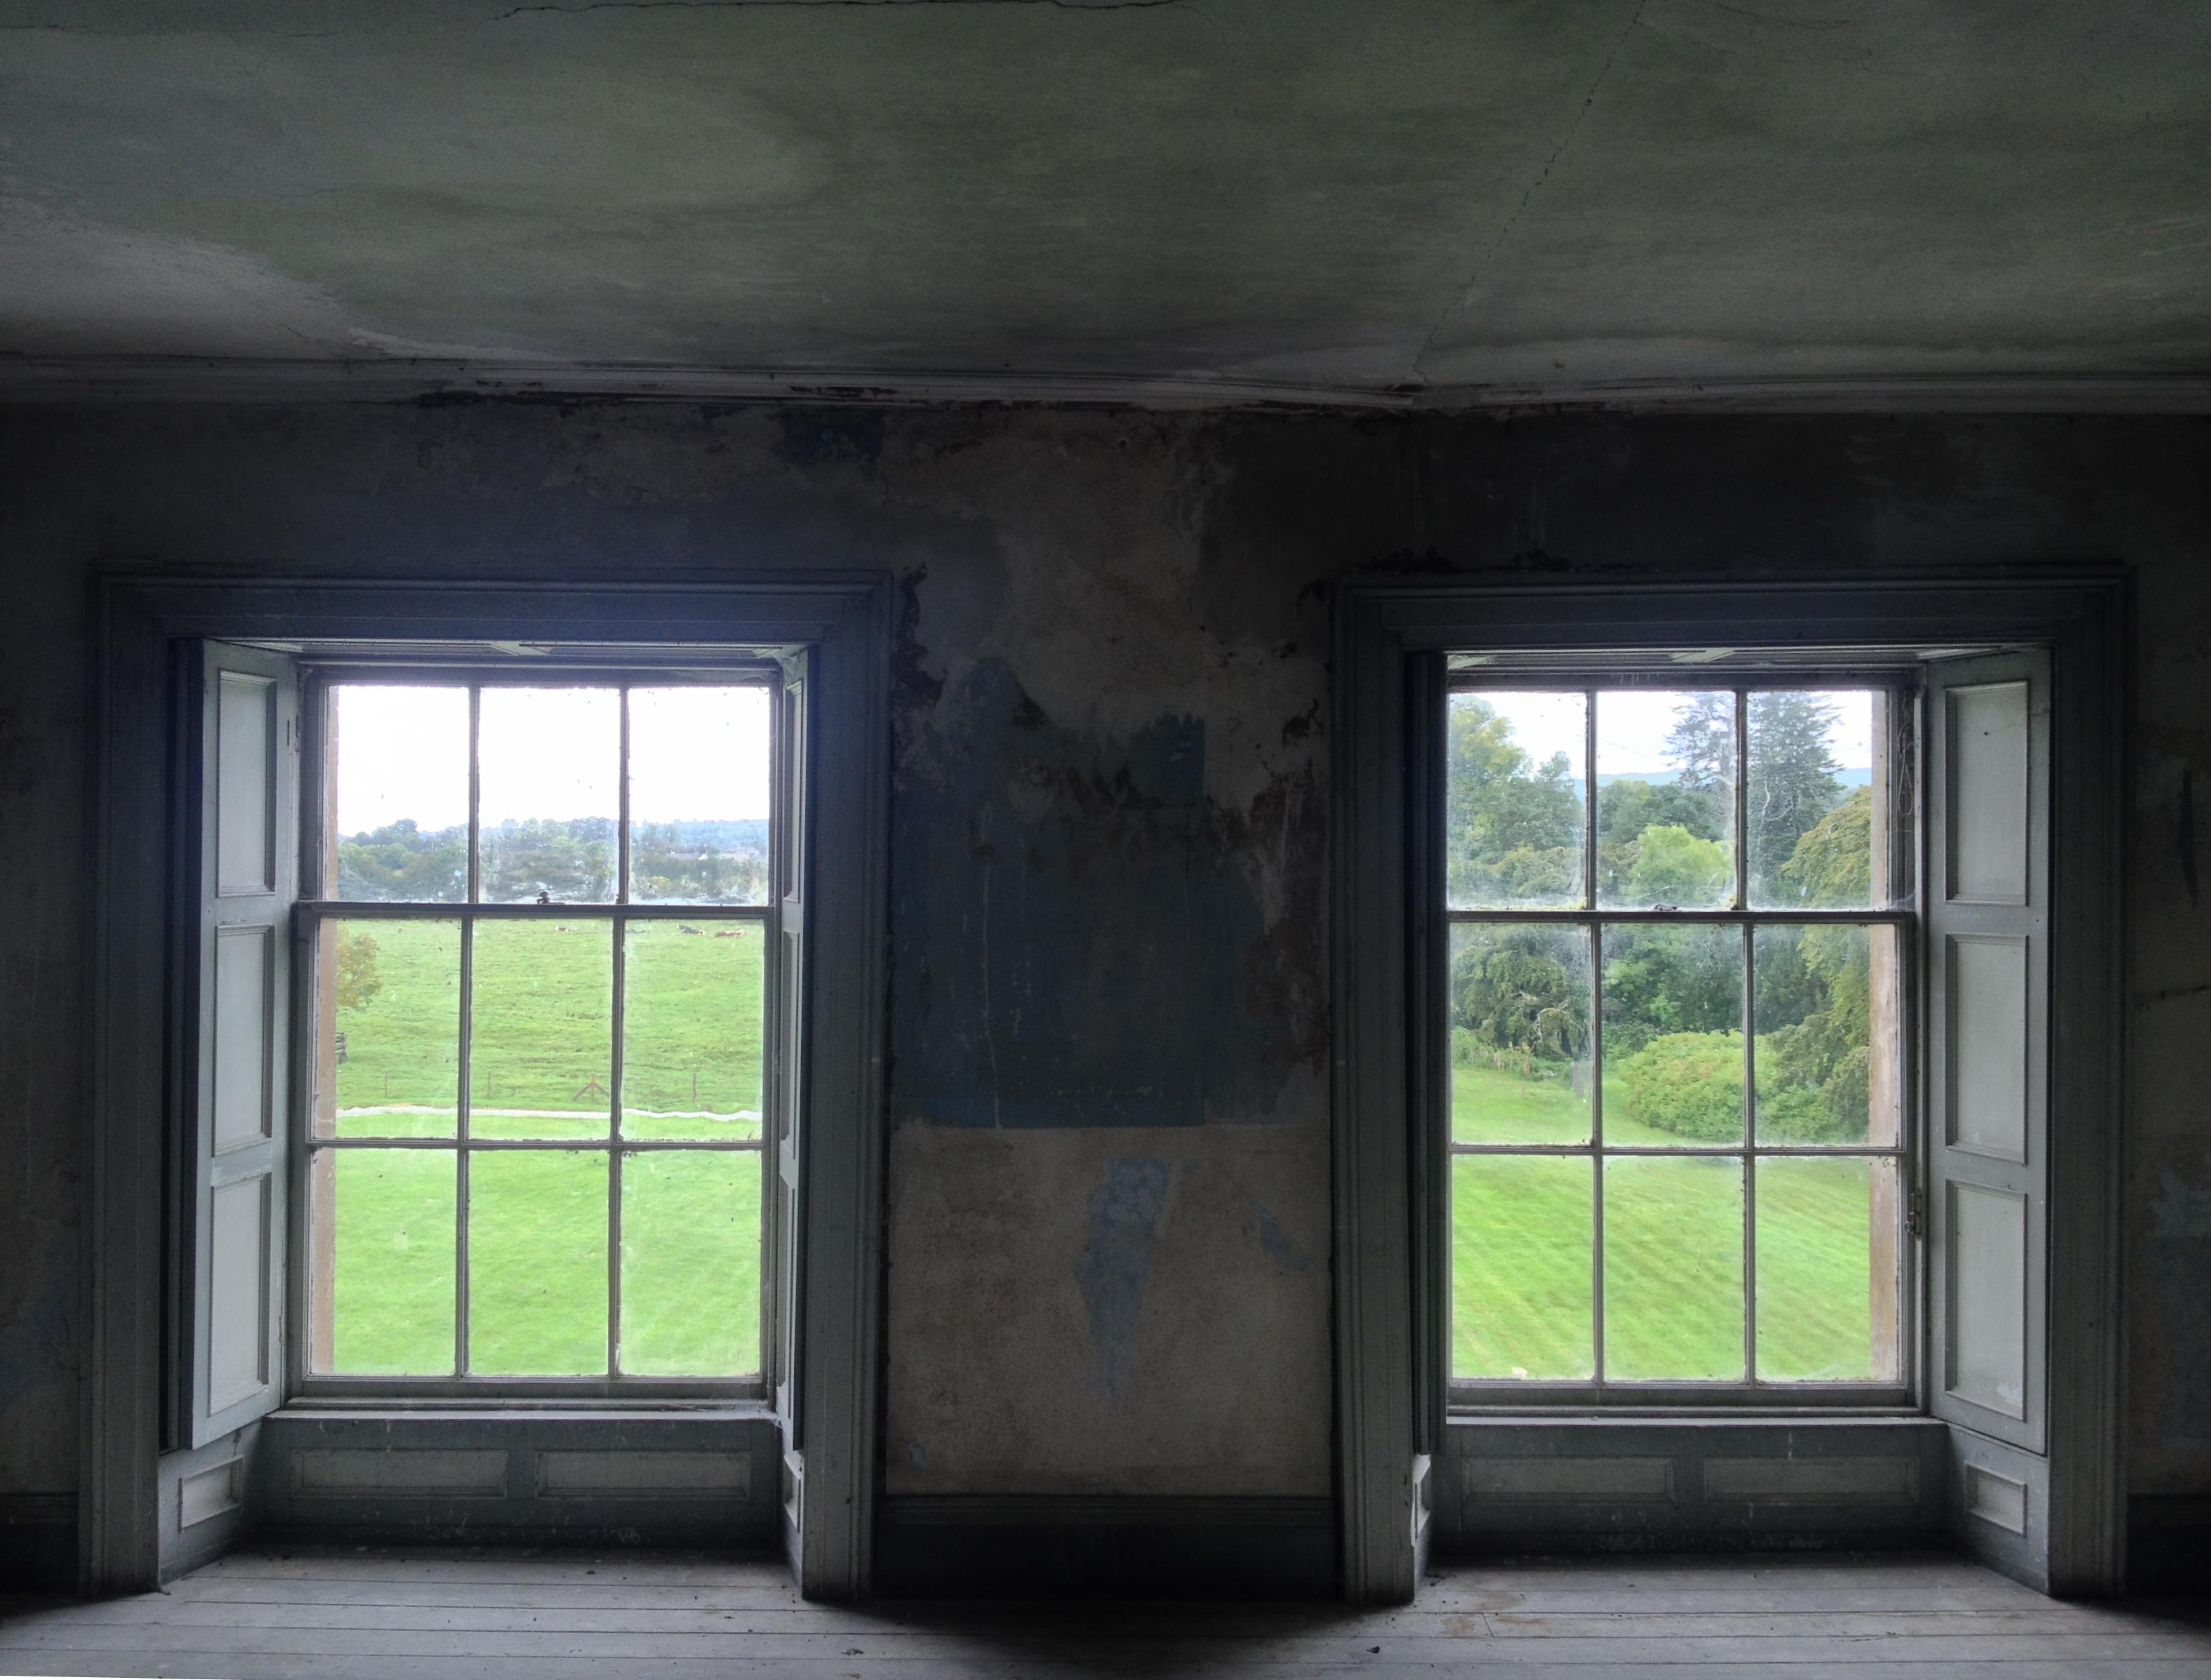 img_9433 & Beyond the Green Baize Door « The Irish Aesthete